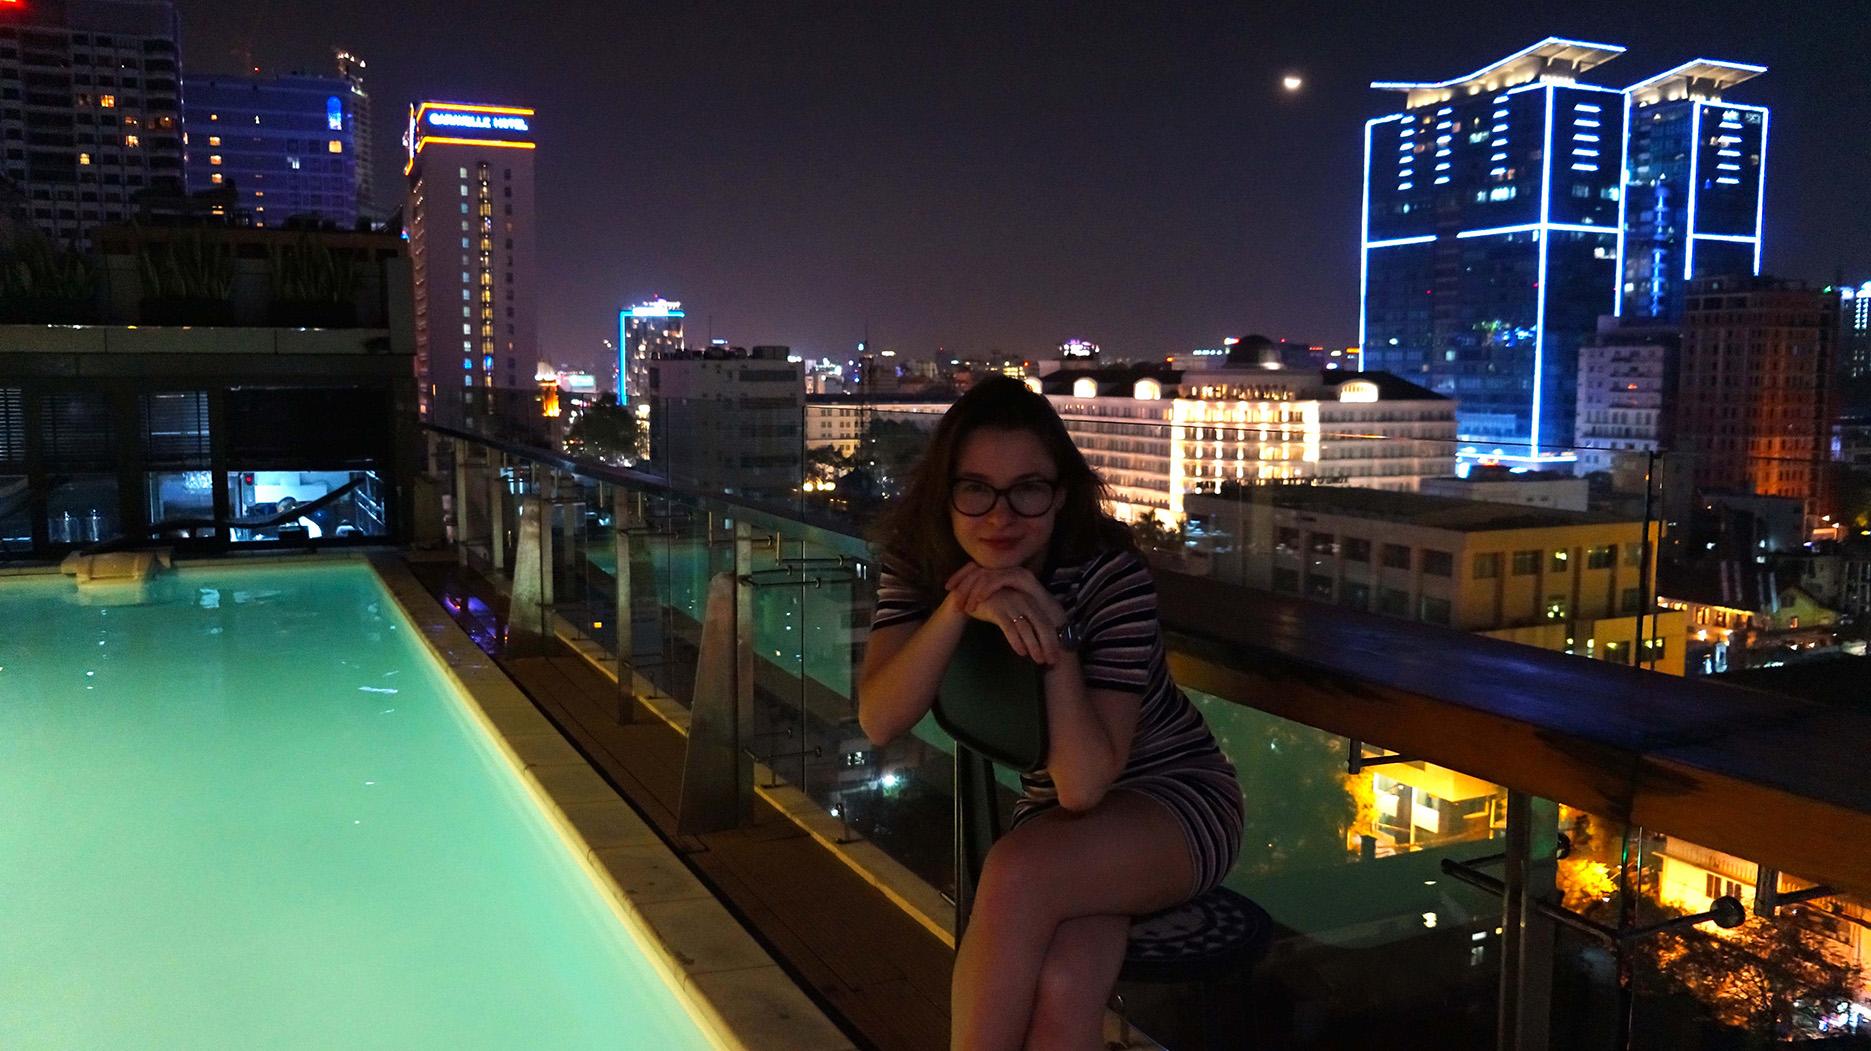 Вьетнам | Хошимин: Отель Millenium